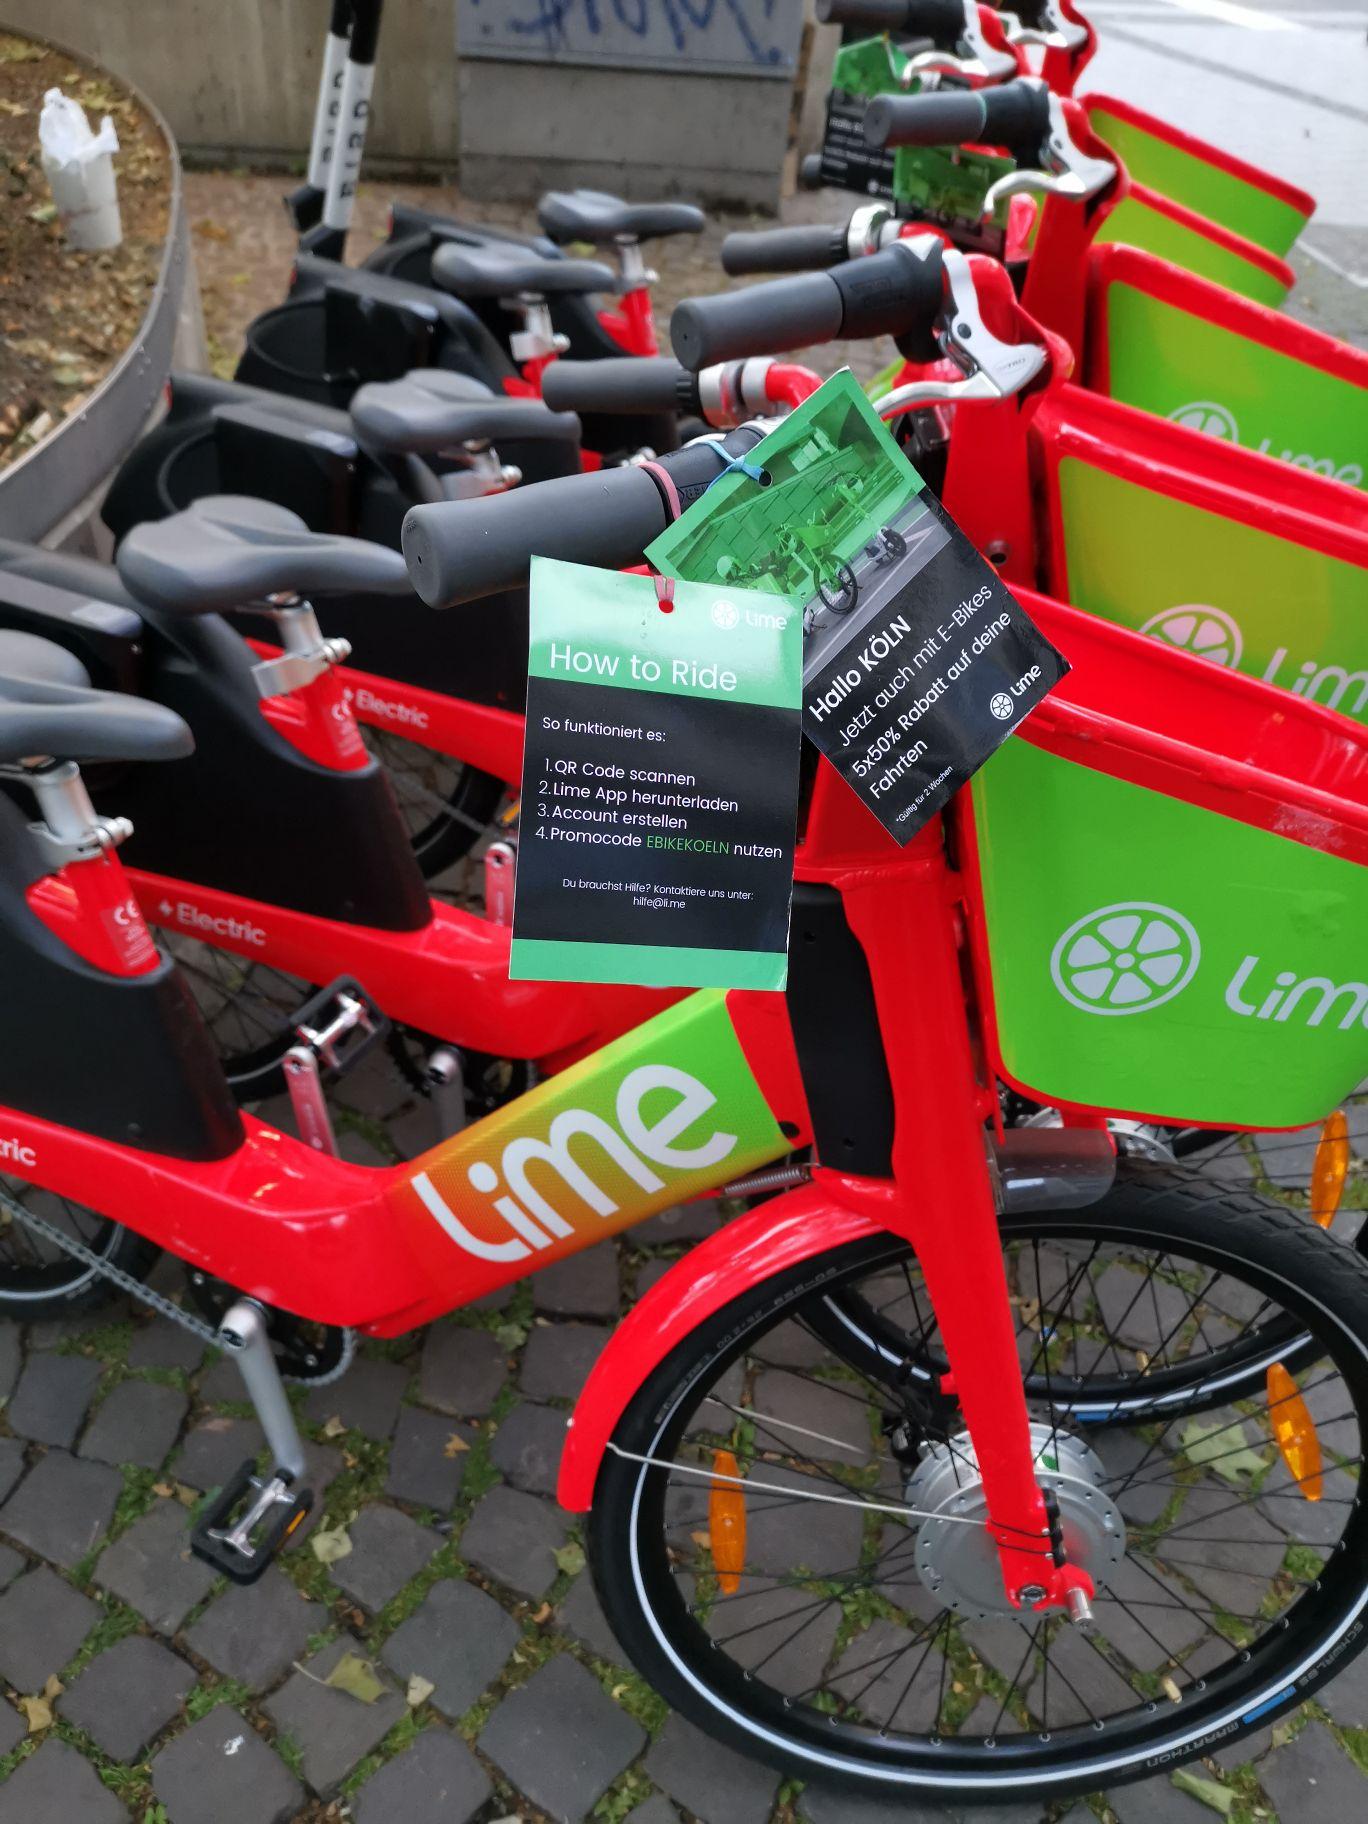 [Lokal KÖLN] Lime E-BIKE 5*50% Rabatt für alle Neu- und Bestandskunden.